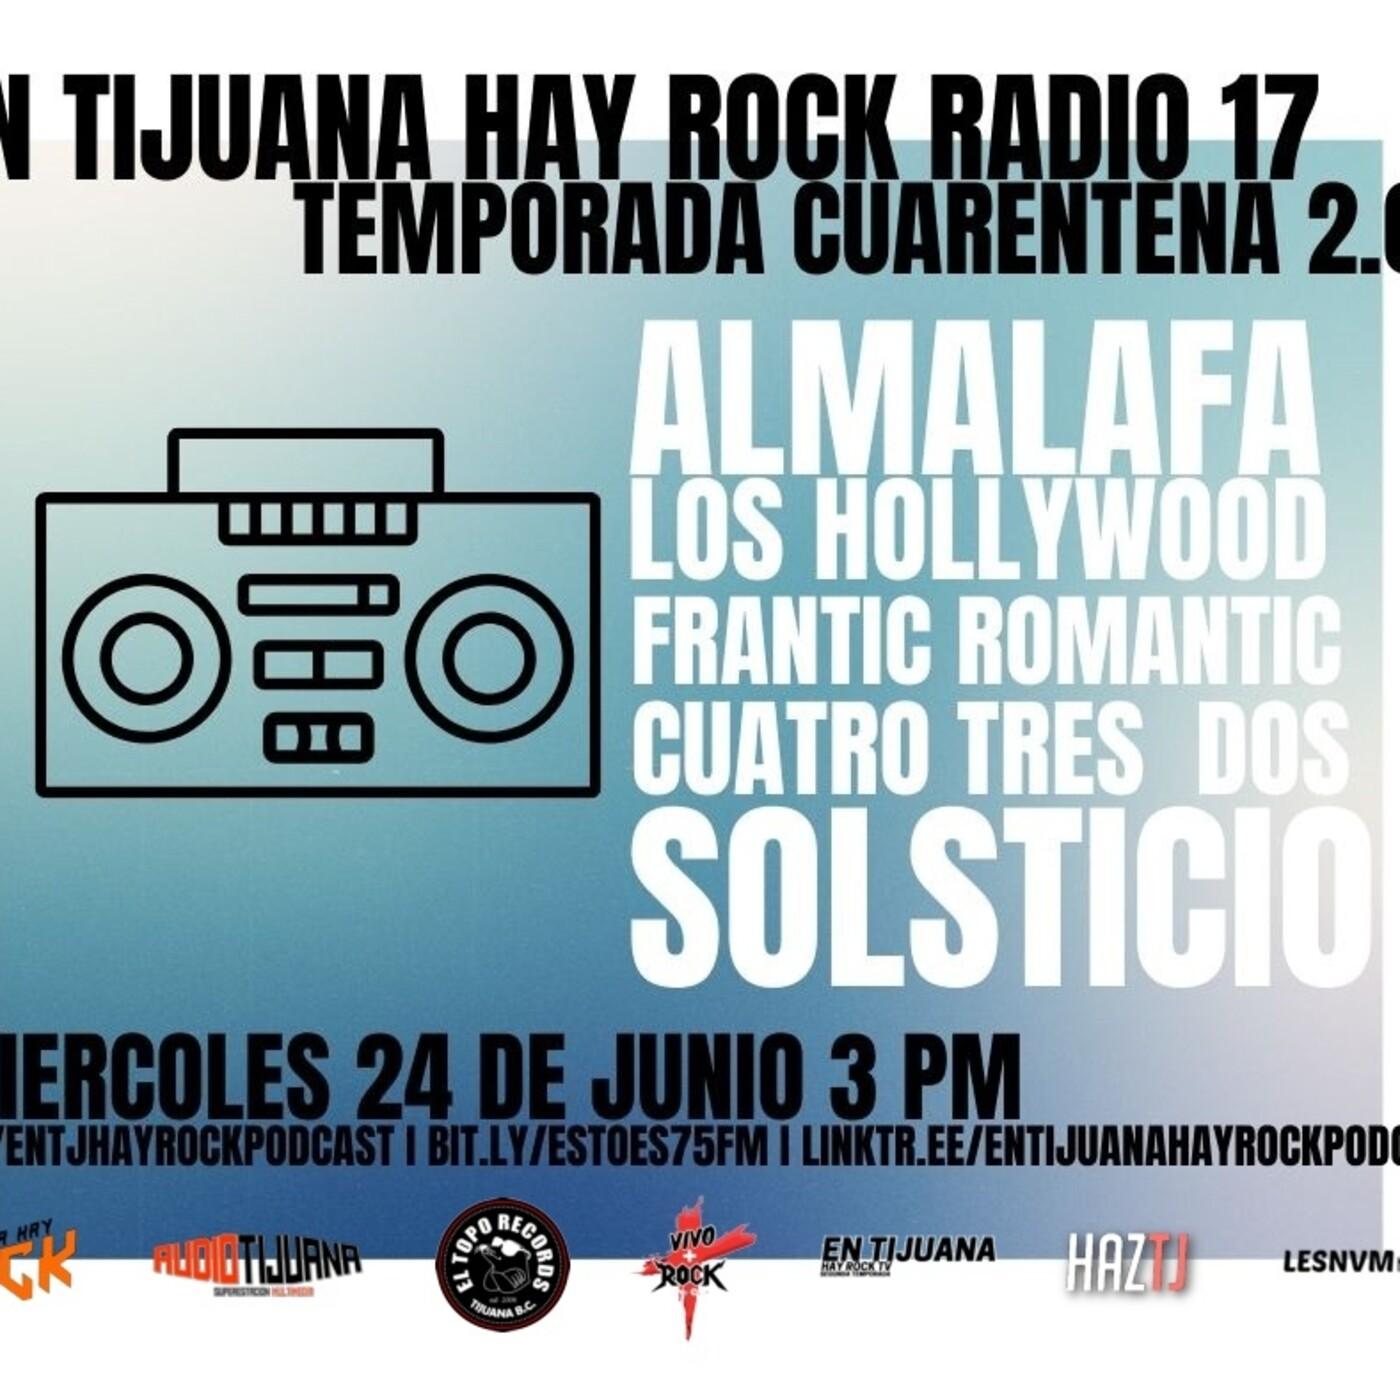 En Tijuana Hay Rock Radio - Temporada De Cuarentena 2.0 - 17